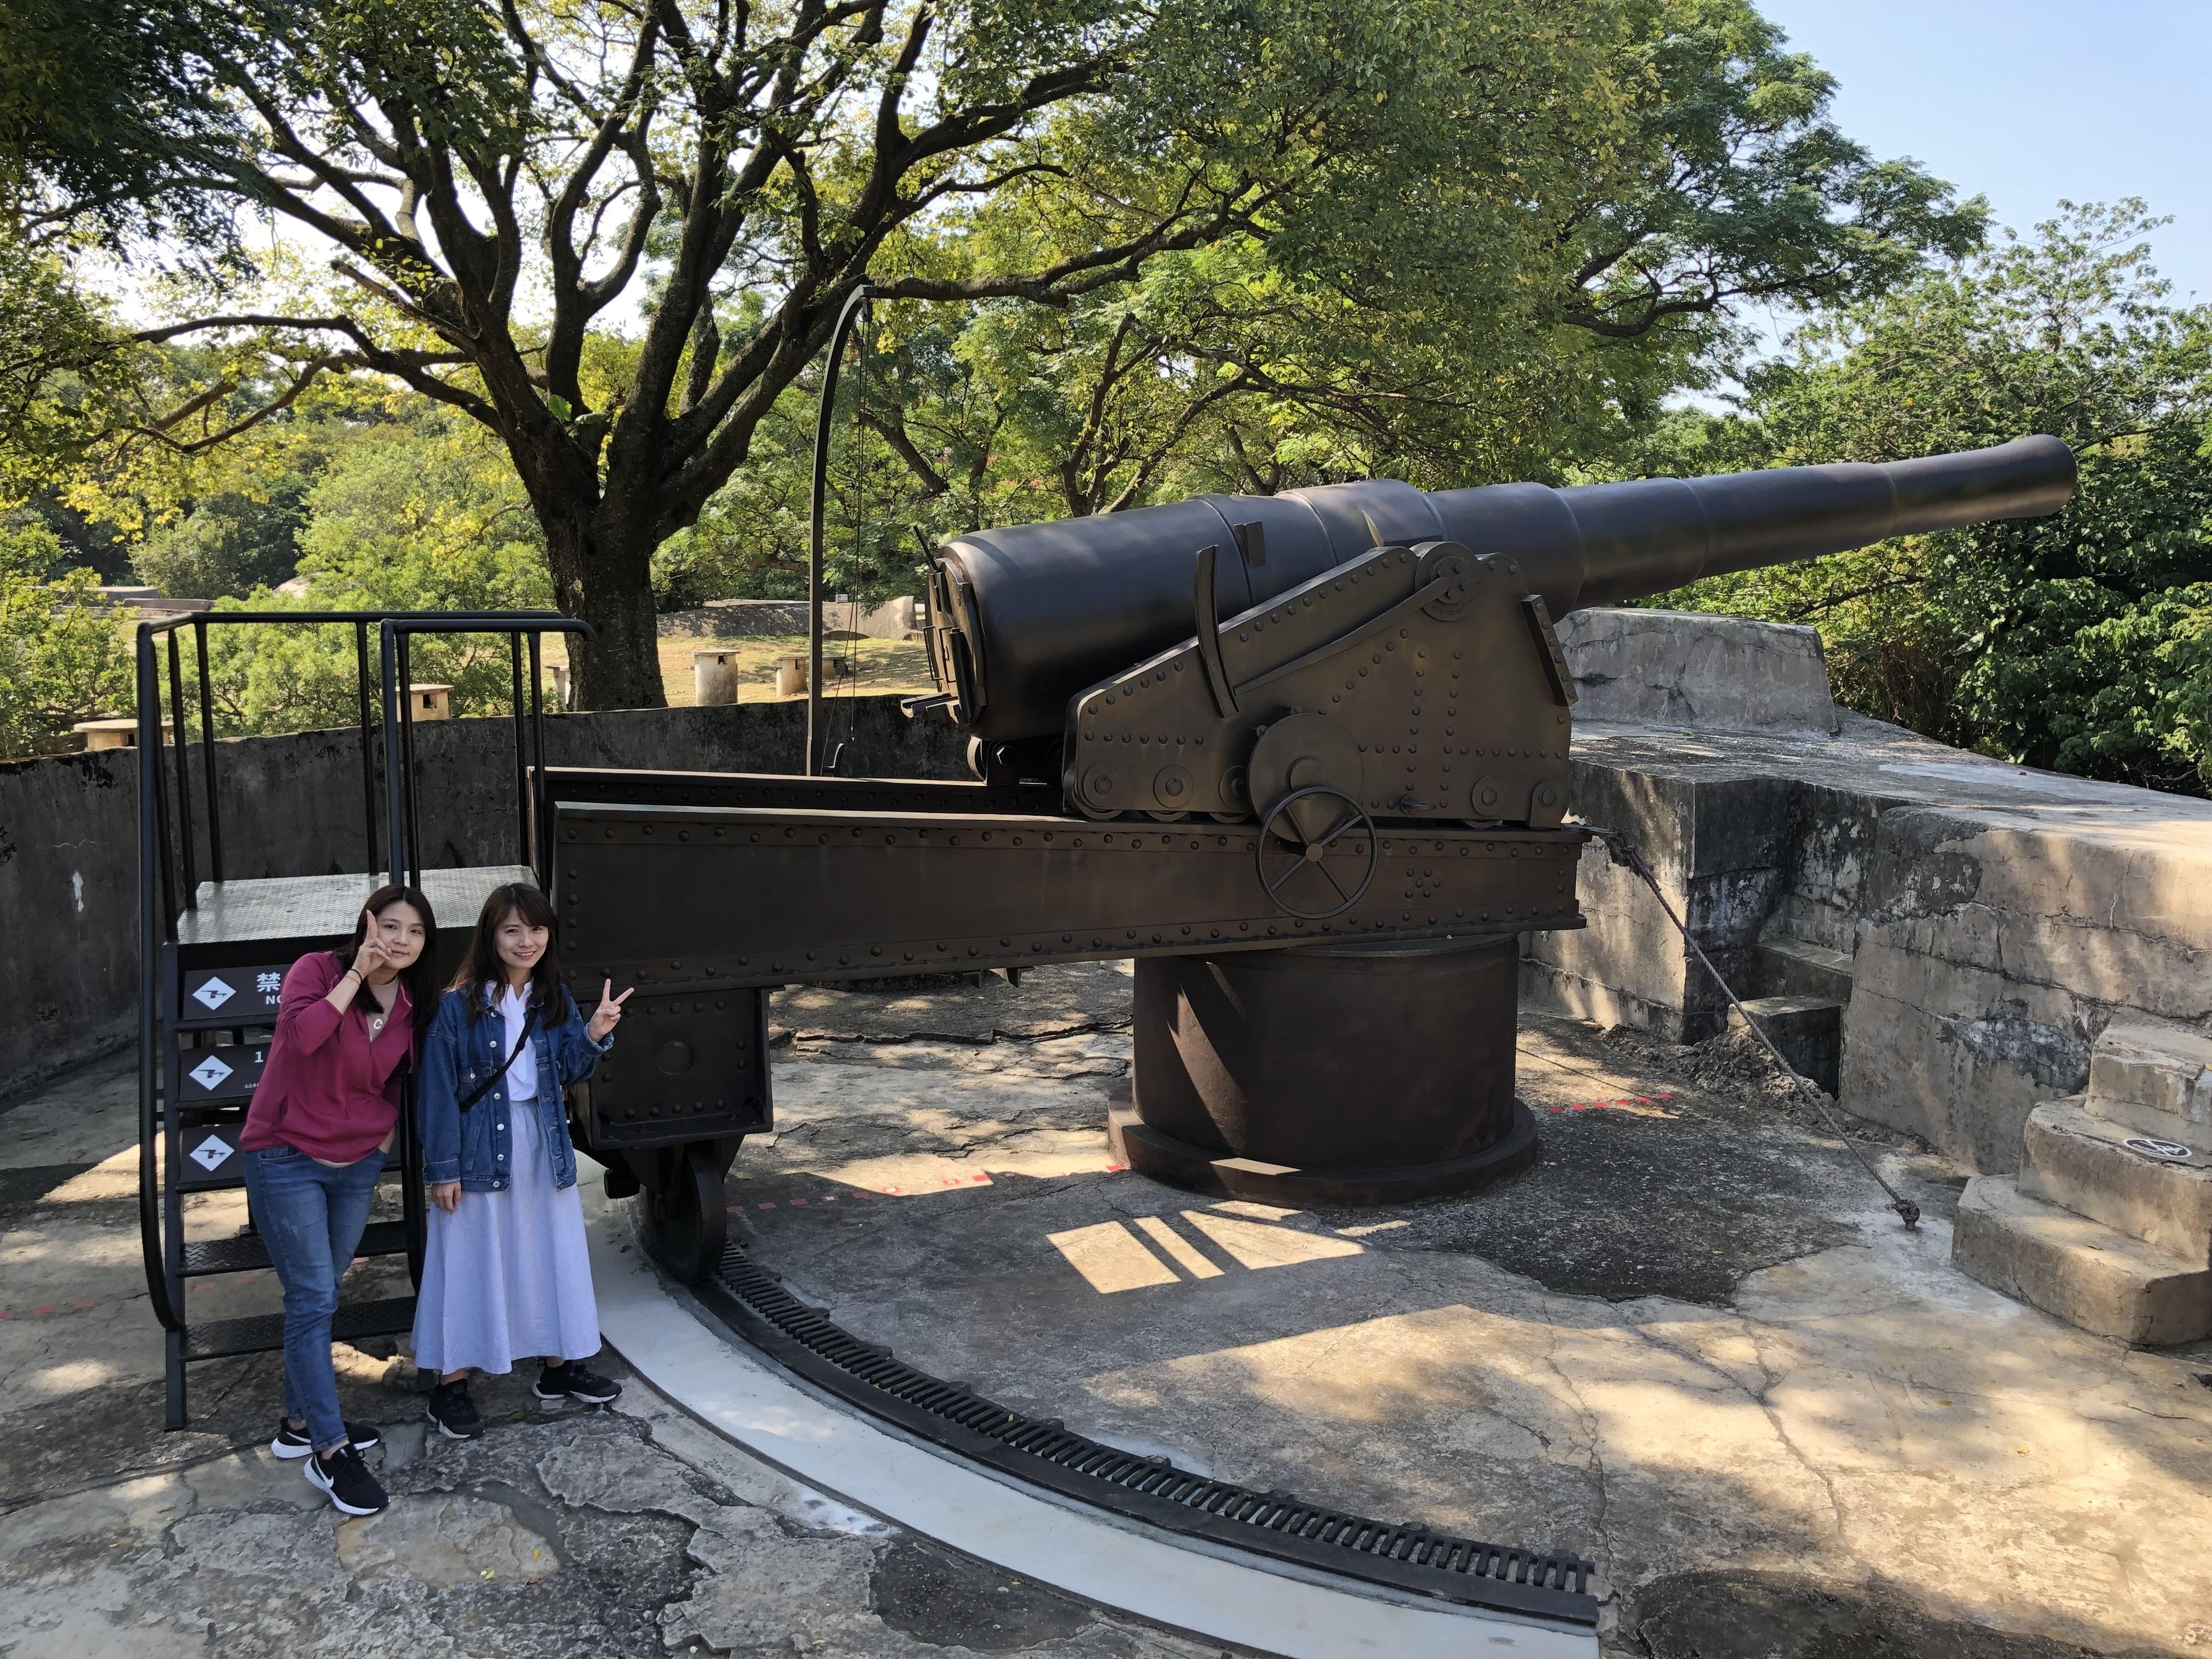 淡古復刻的阿姆斯脫朗8吋砲正式亮相,長達700公分的模型砲氣勢磅礡(圖片來源:新北市立淡水古蹟博物館)